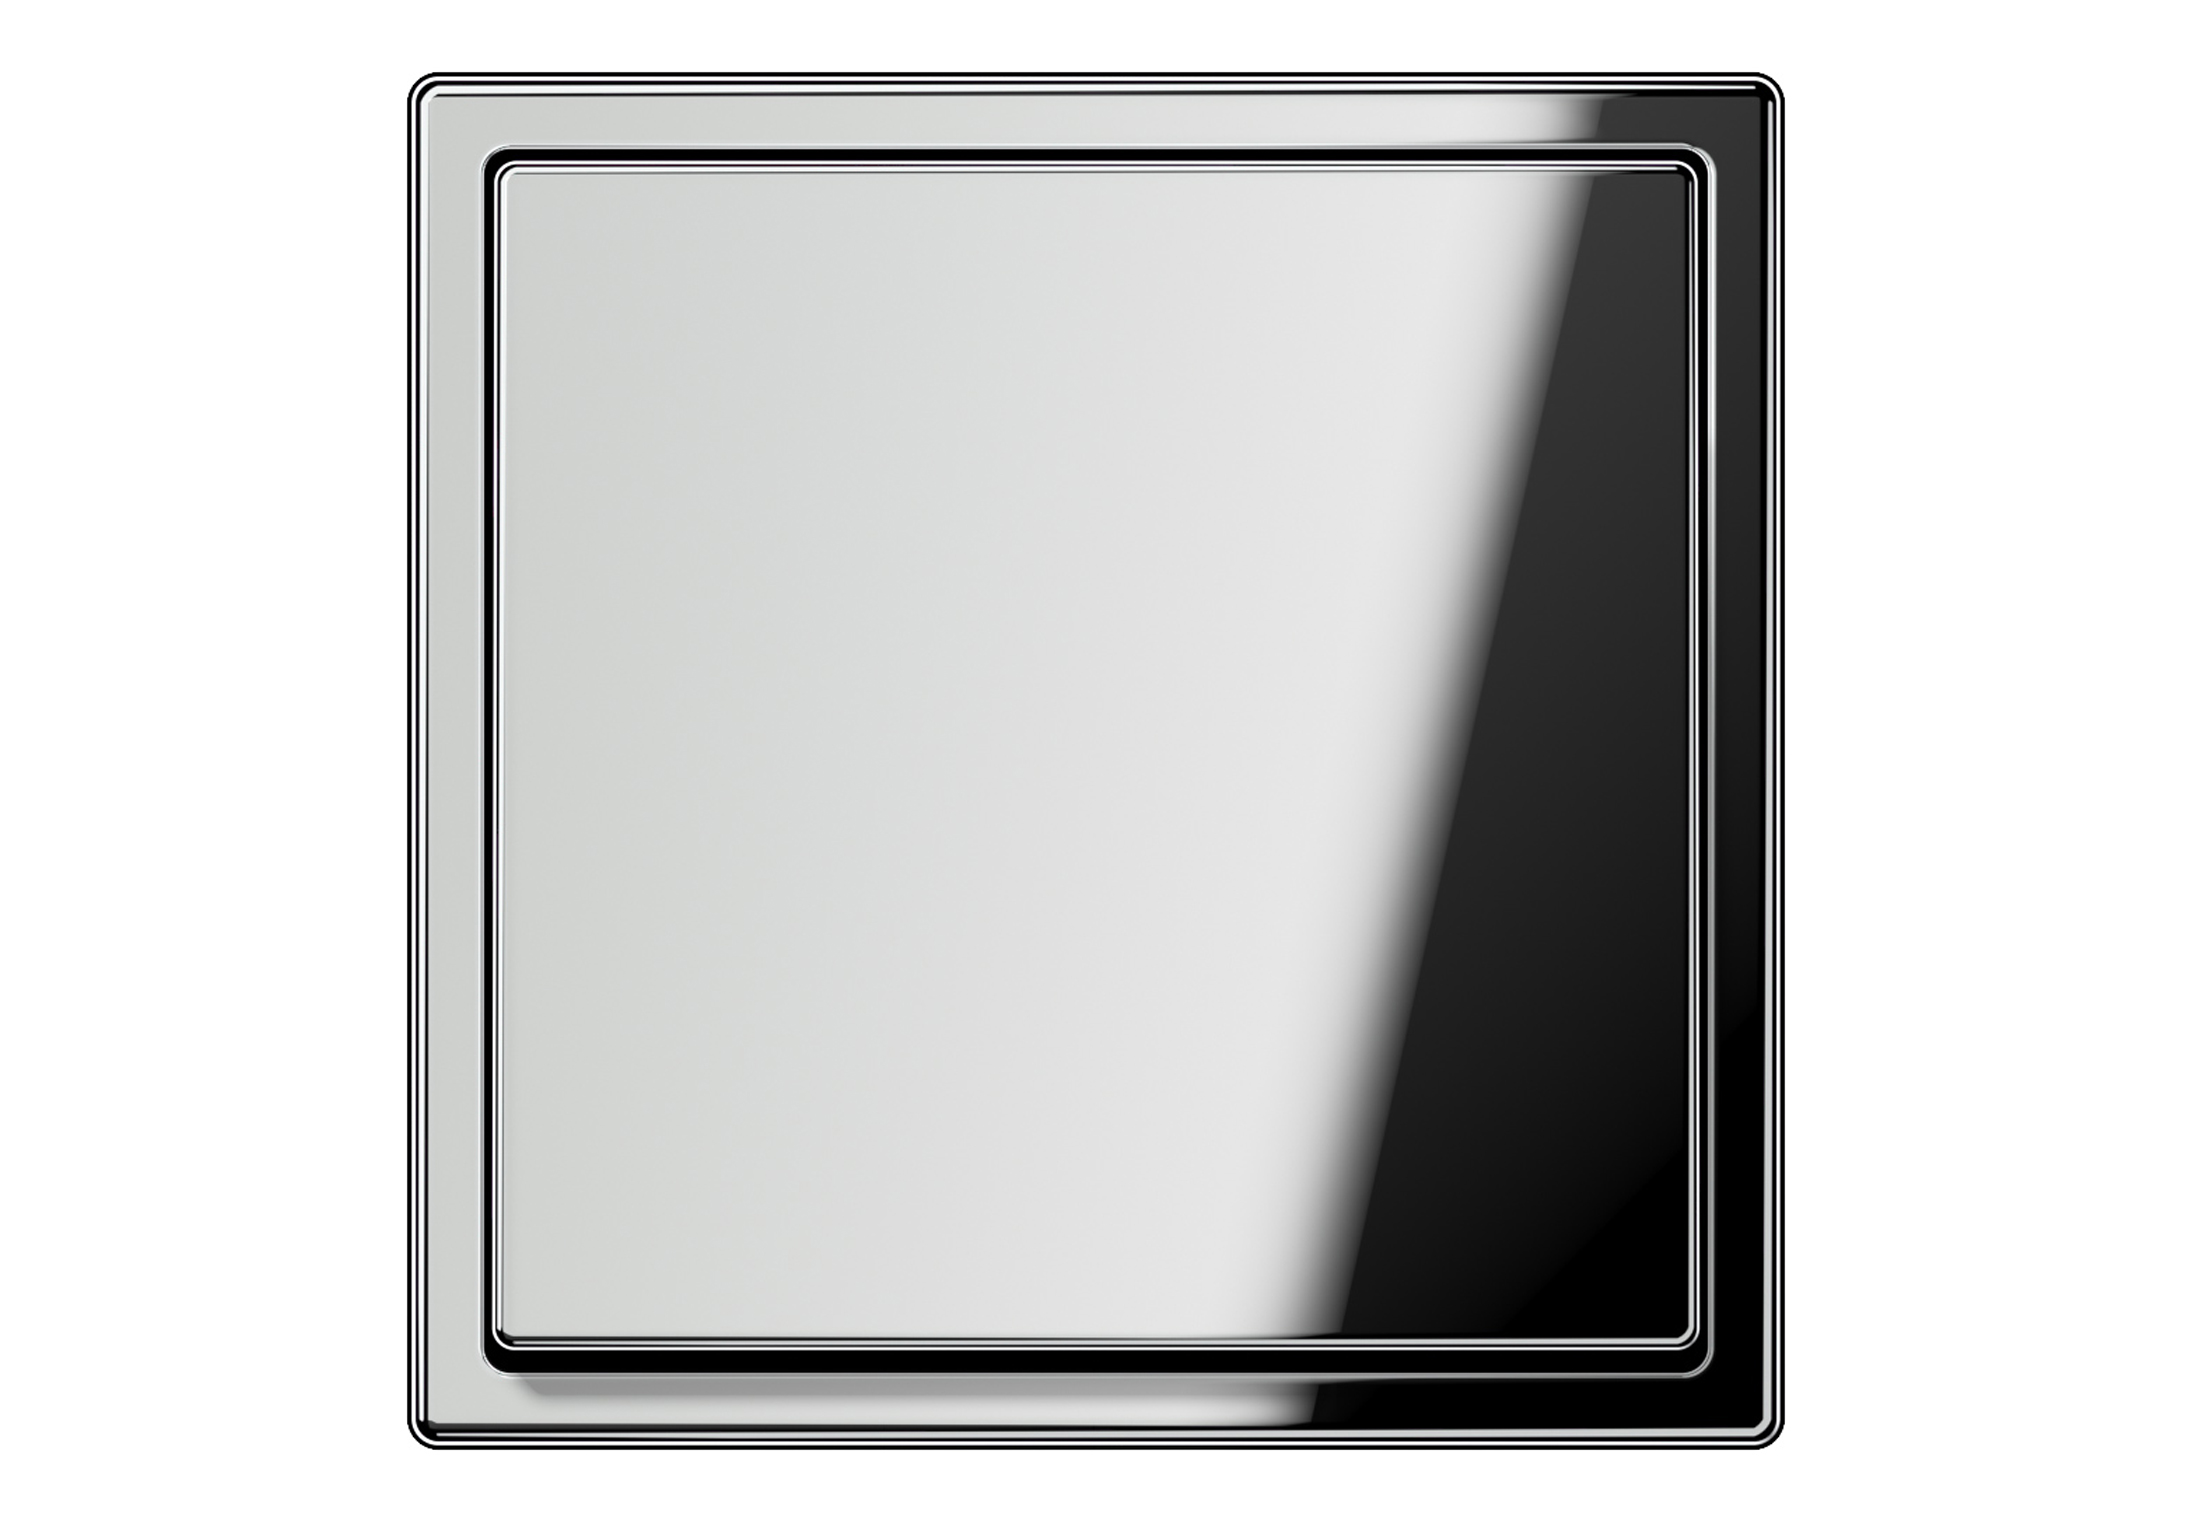 ls 990 glanzchrom von jung stylepark. Black Bedroom Furniture Sets. Home Design Ideas